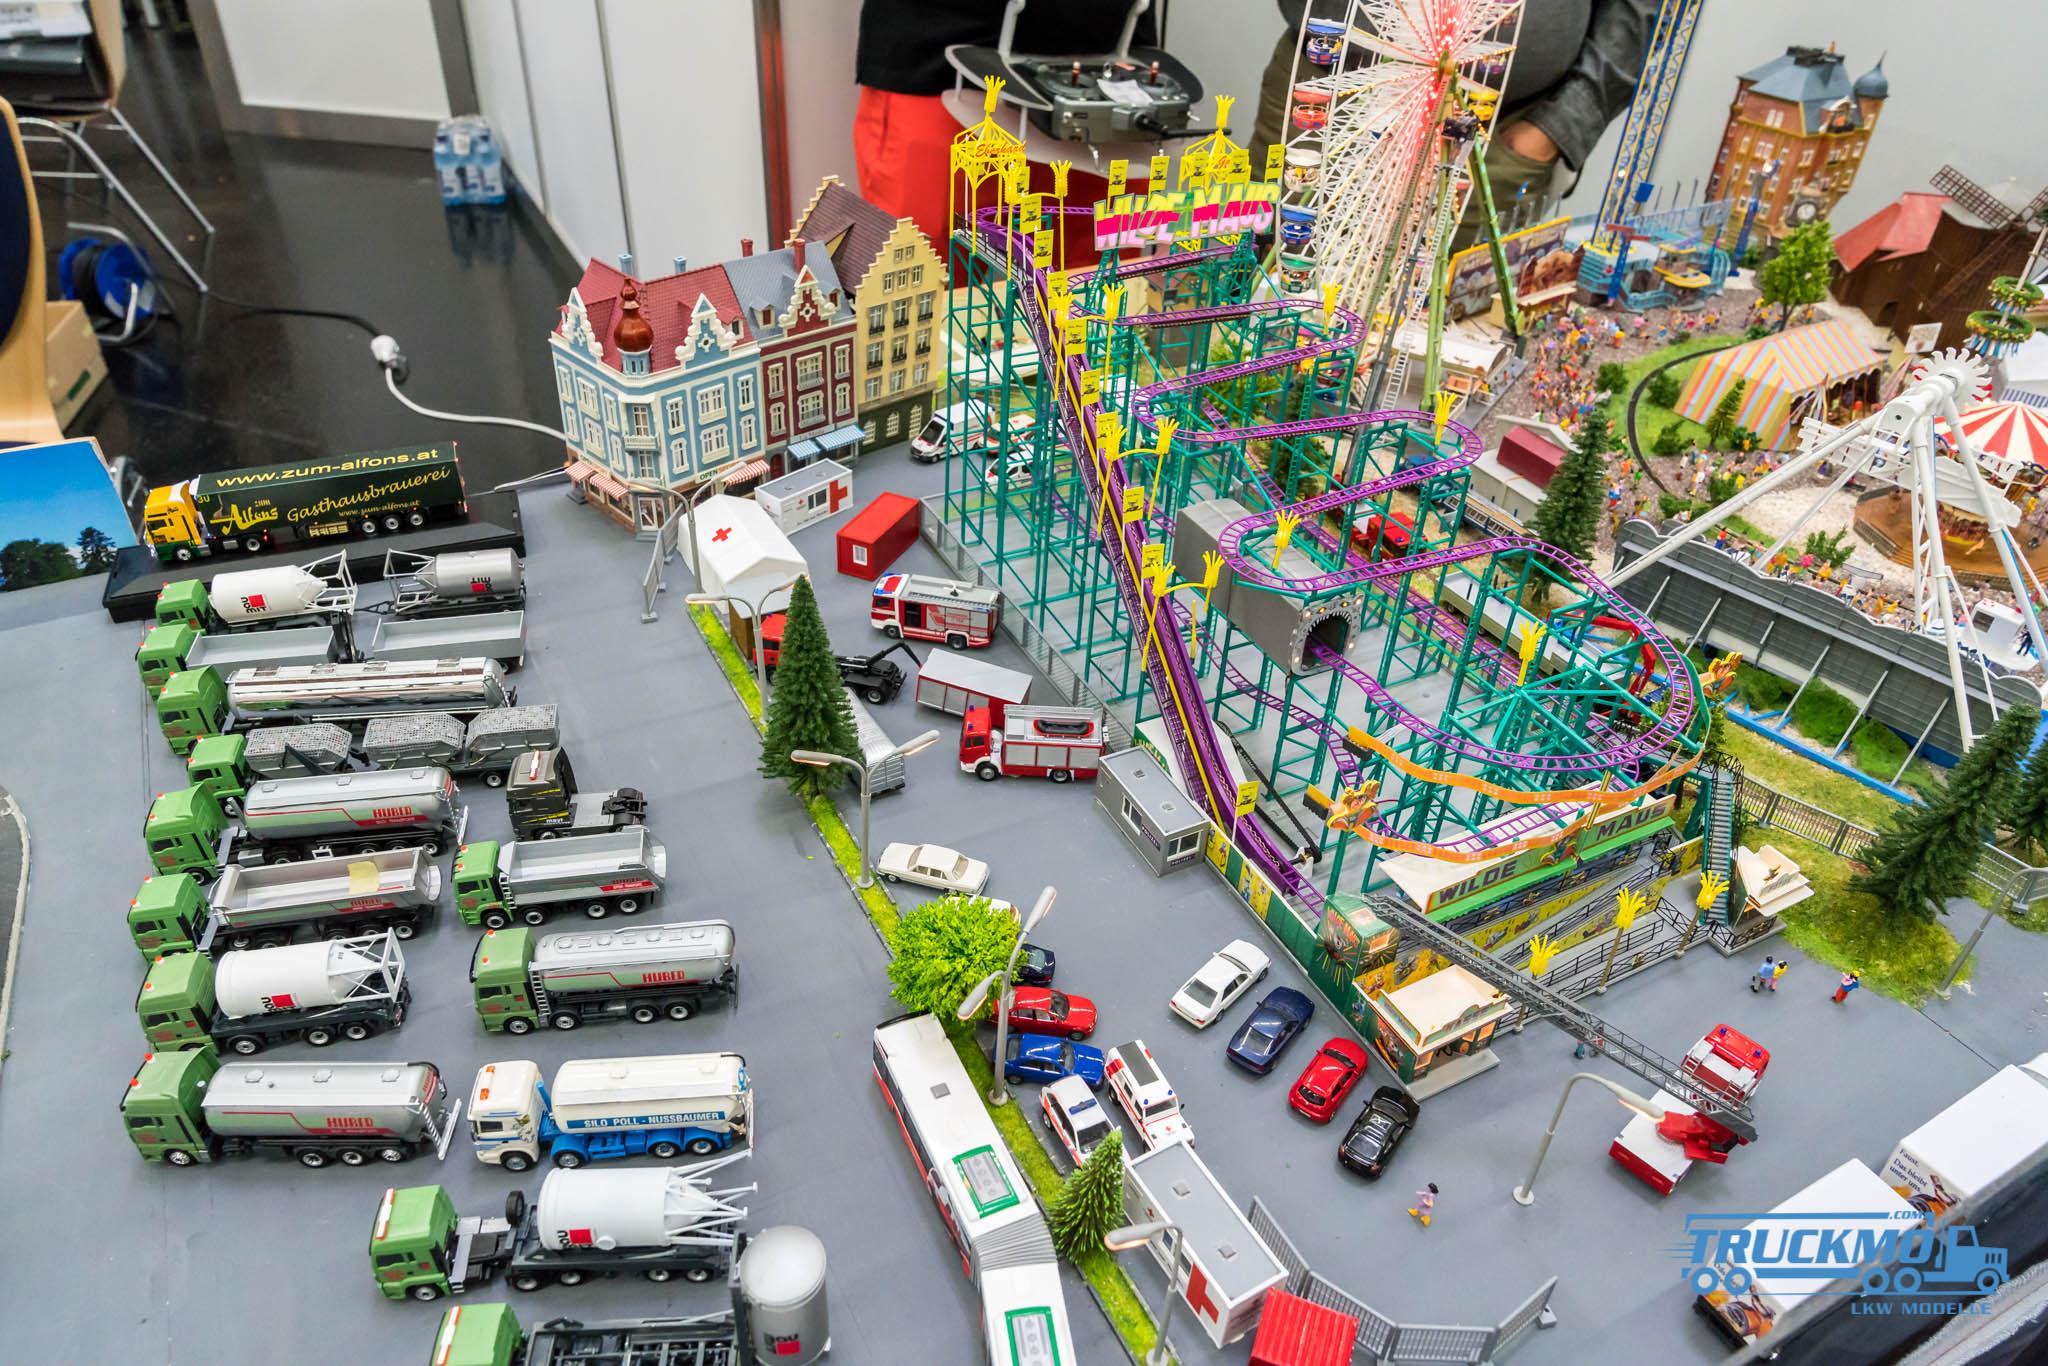 Truckmo_Modellbau_Ried_2017_Herpa_Messe_Modellbauausstellung (287 von 1177)